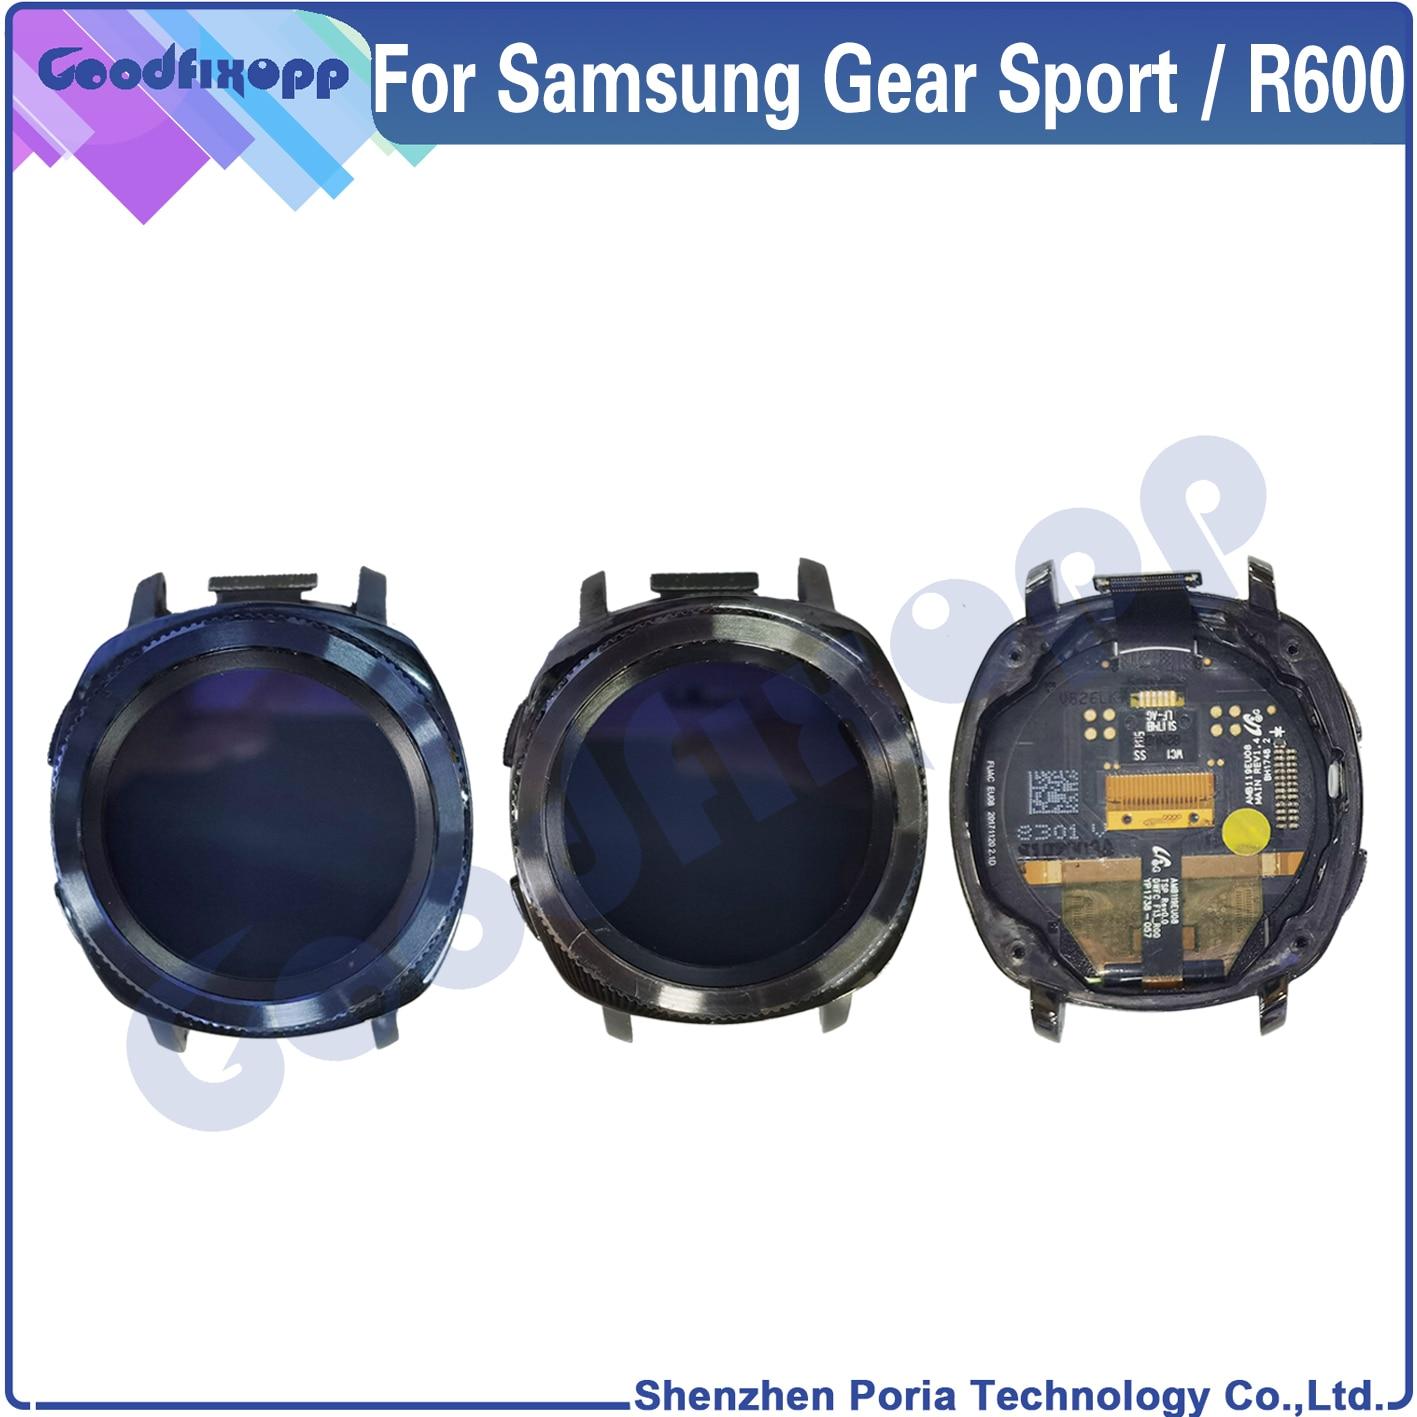 100% اختبار AAA لسامسونج جير الرياضة R600 SM-R600 شاشة LCD تعمل باللمس محول الأرقام الجمعية مع الإطار